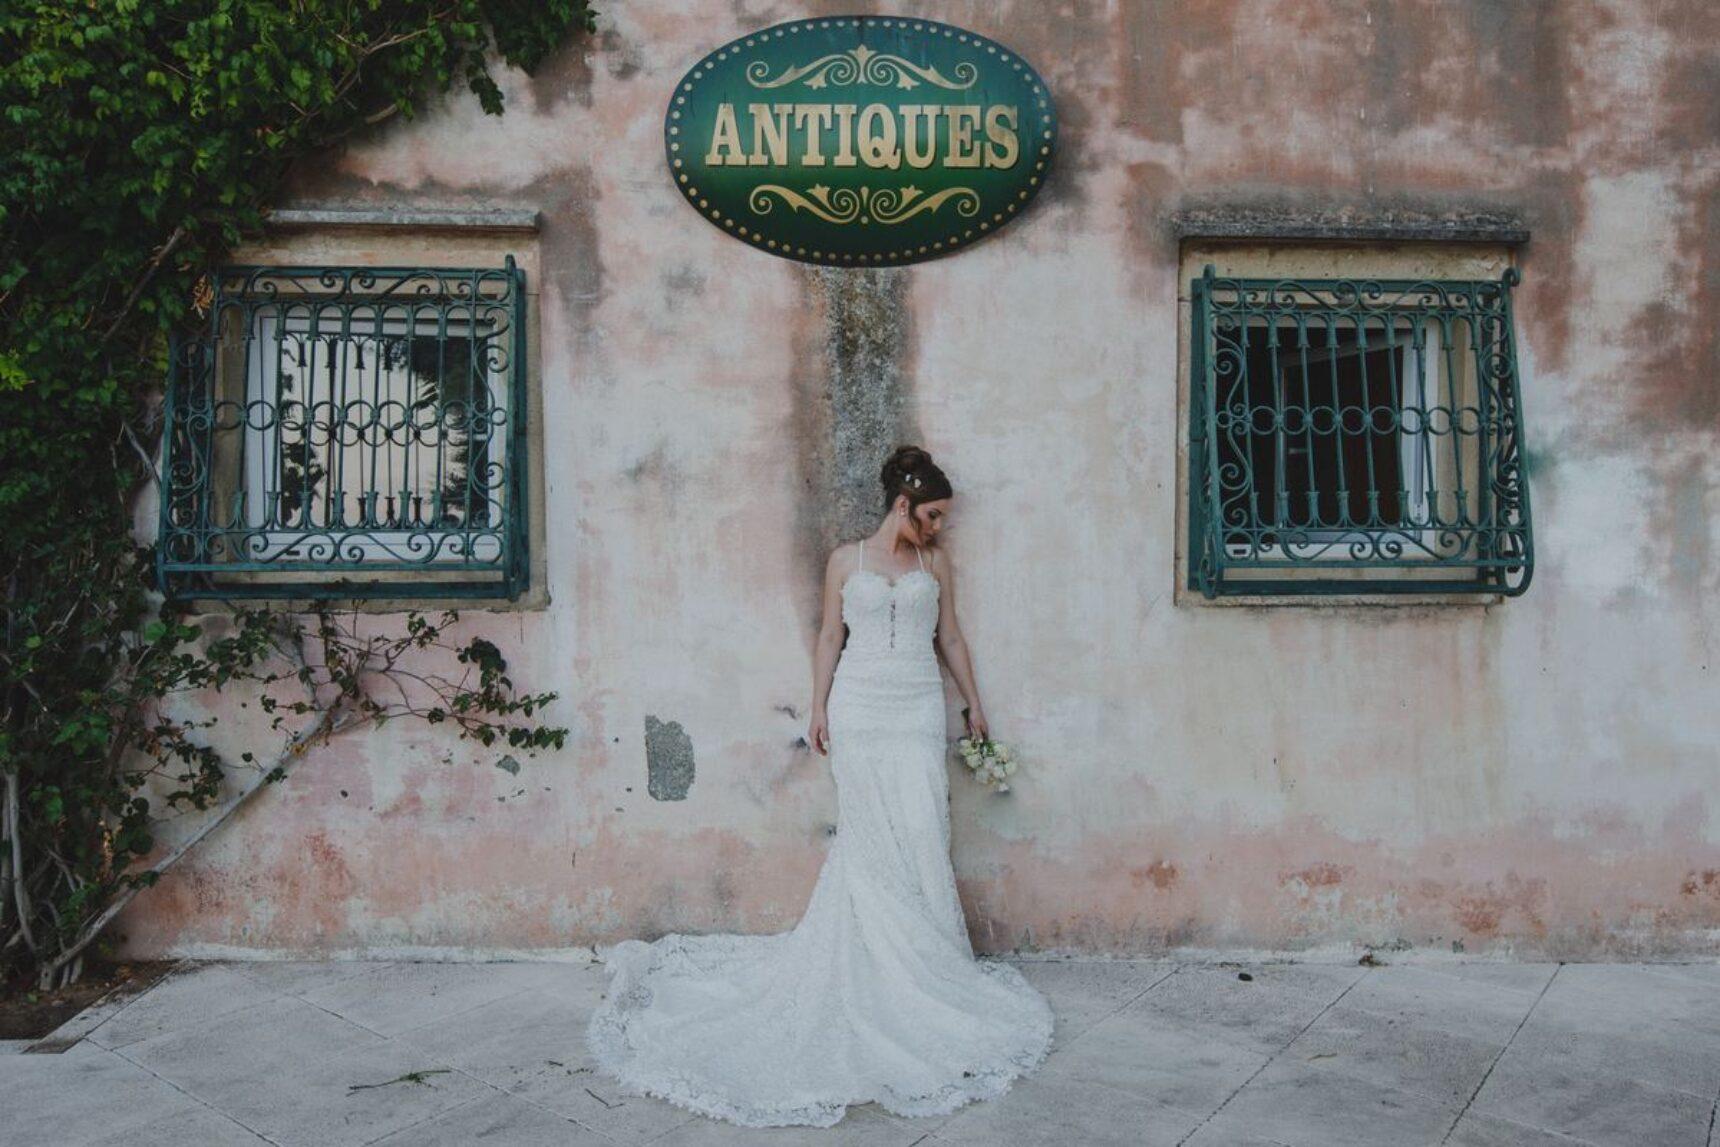 Śniła ci się suknia ślubna? Ten sen ma wiele znaczeń!